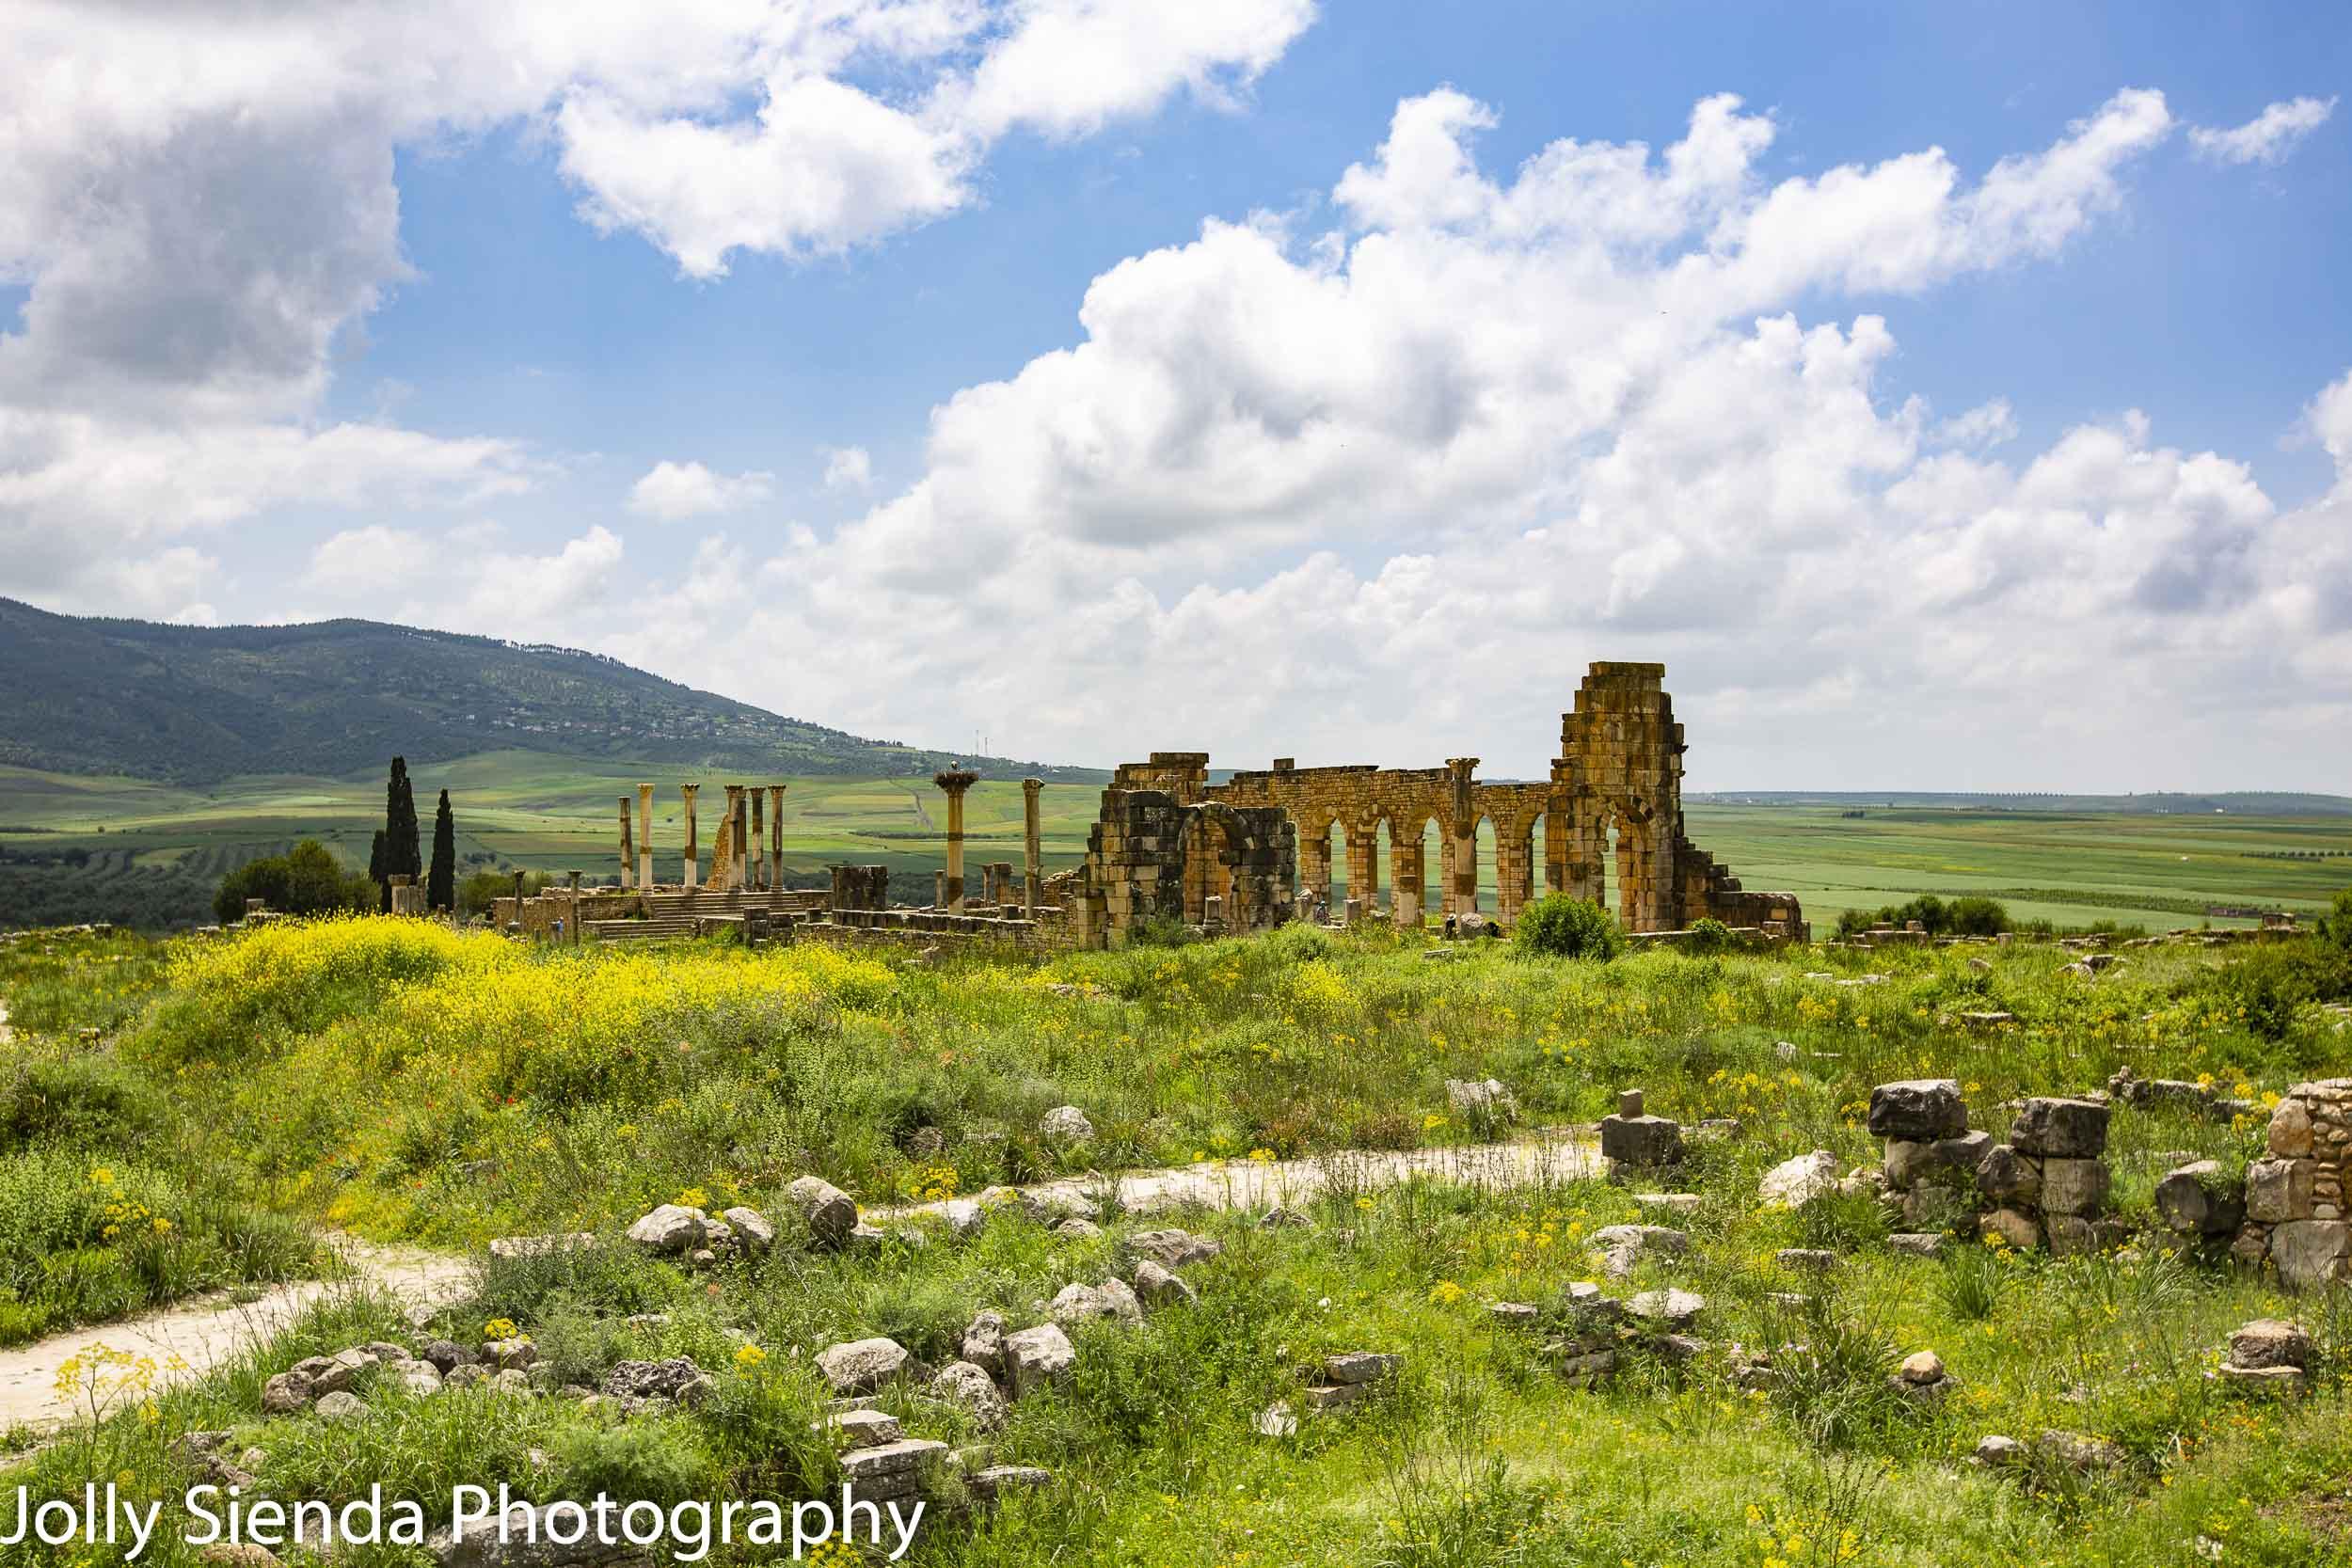 Basilica and capitol Roman ruins, Volubilis